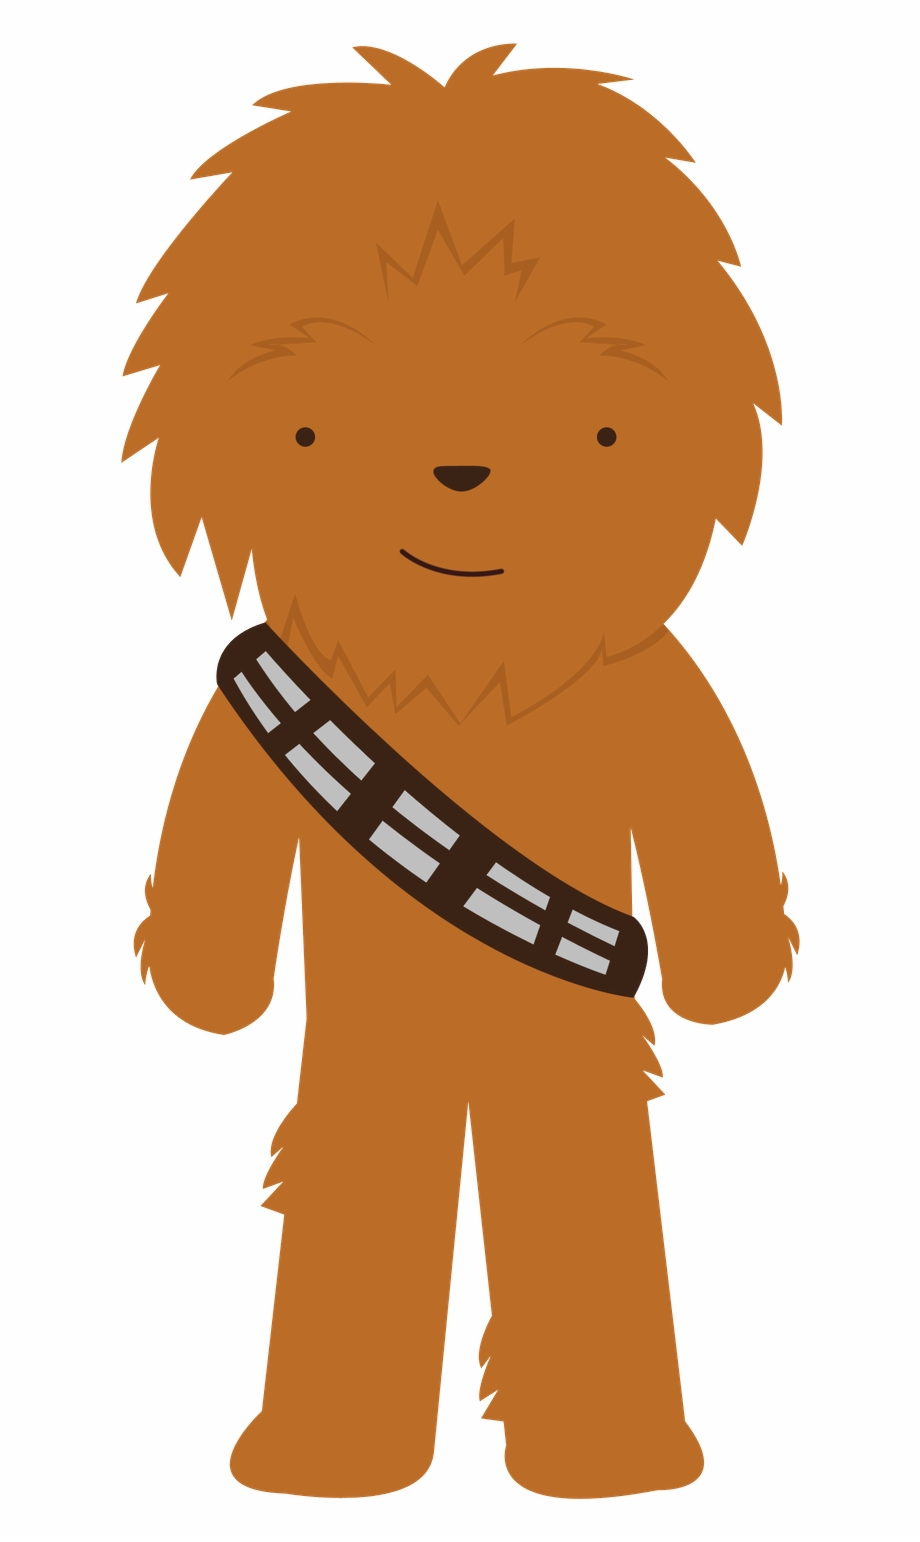 Star wars clip art. Chewbacca clipart cute